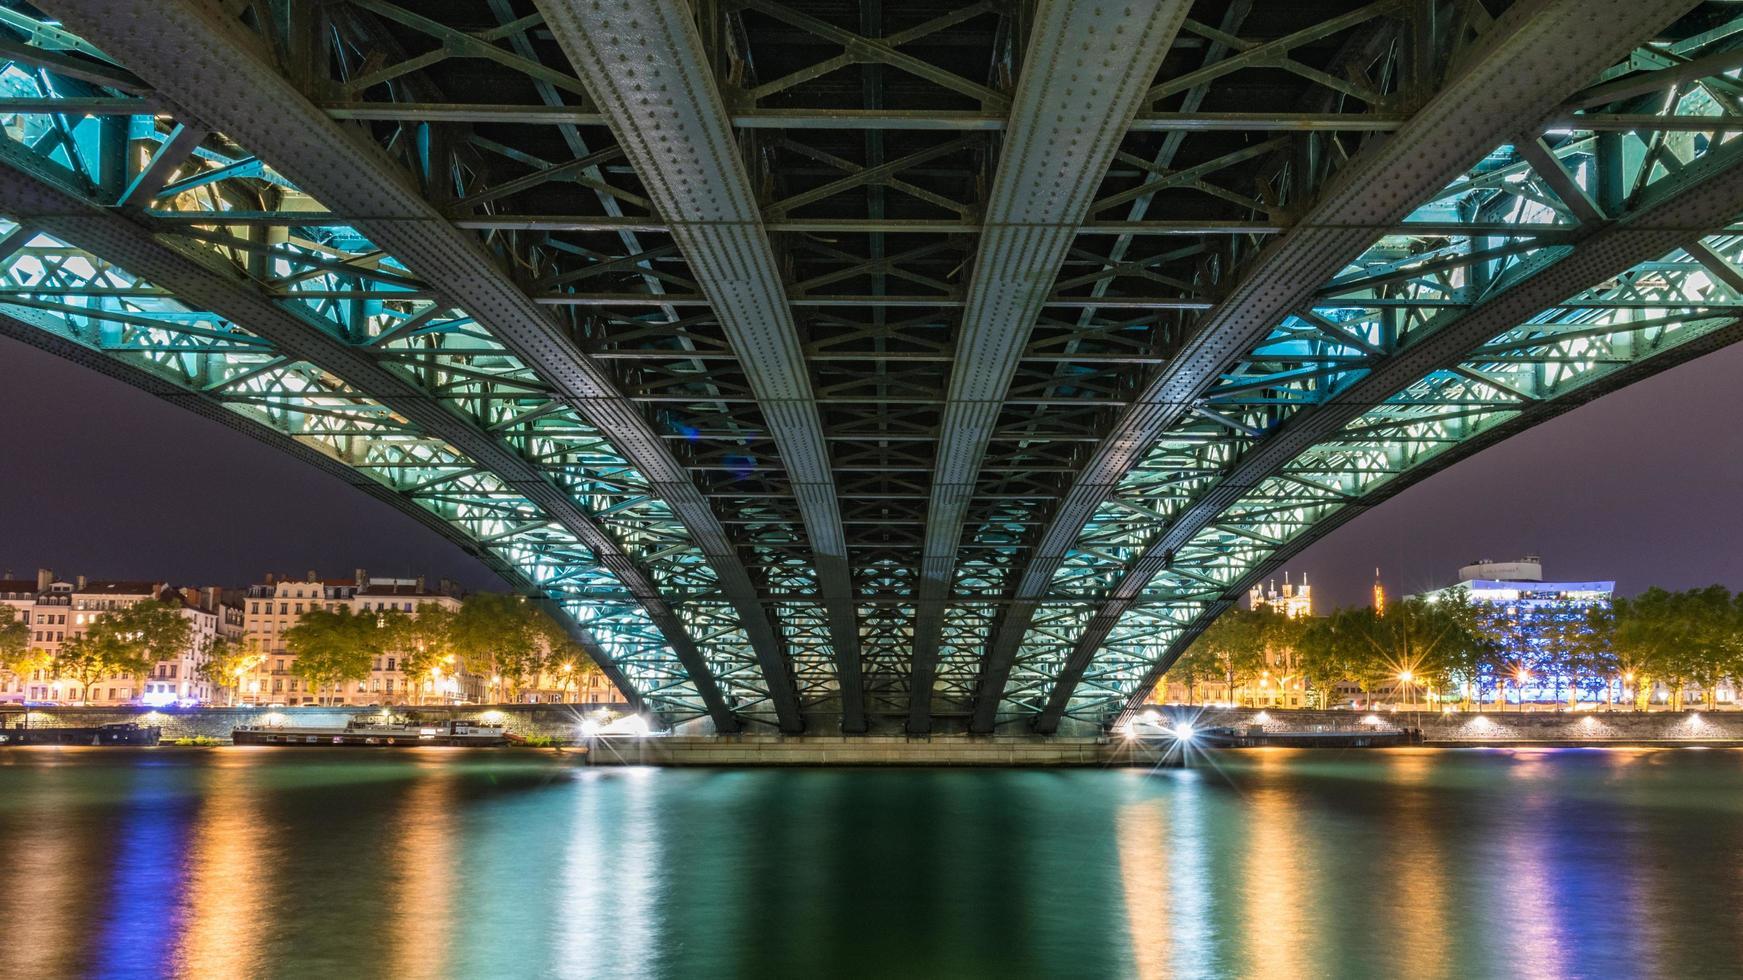 Vue sur le niveau de la mer du pont universitaire à Lyon, France photo